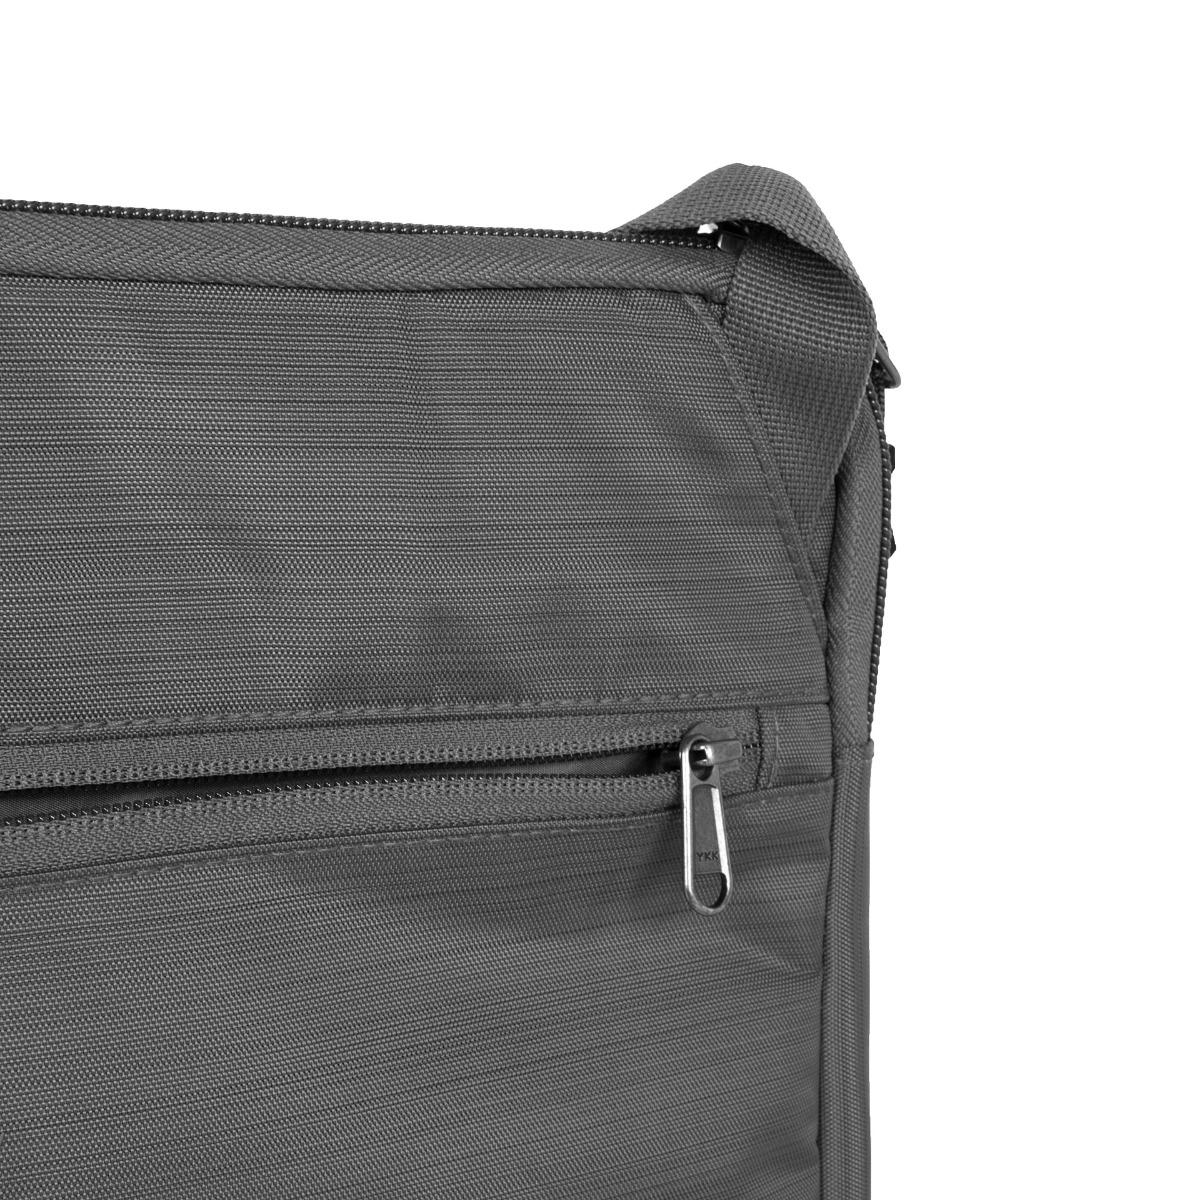 Salewa Laptop M Grey Skladná a odolná taška na notebook Salewa ochráni váš laptop pred poškodením a nepriaznivými vplyvmi počasia.- odnímateľný ramenný popruh- oddelené predné vrecko